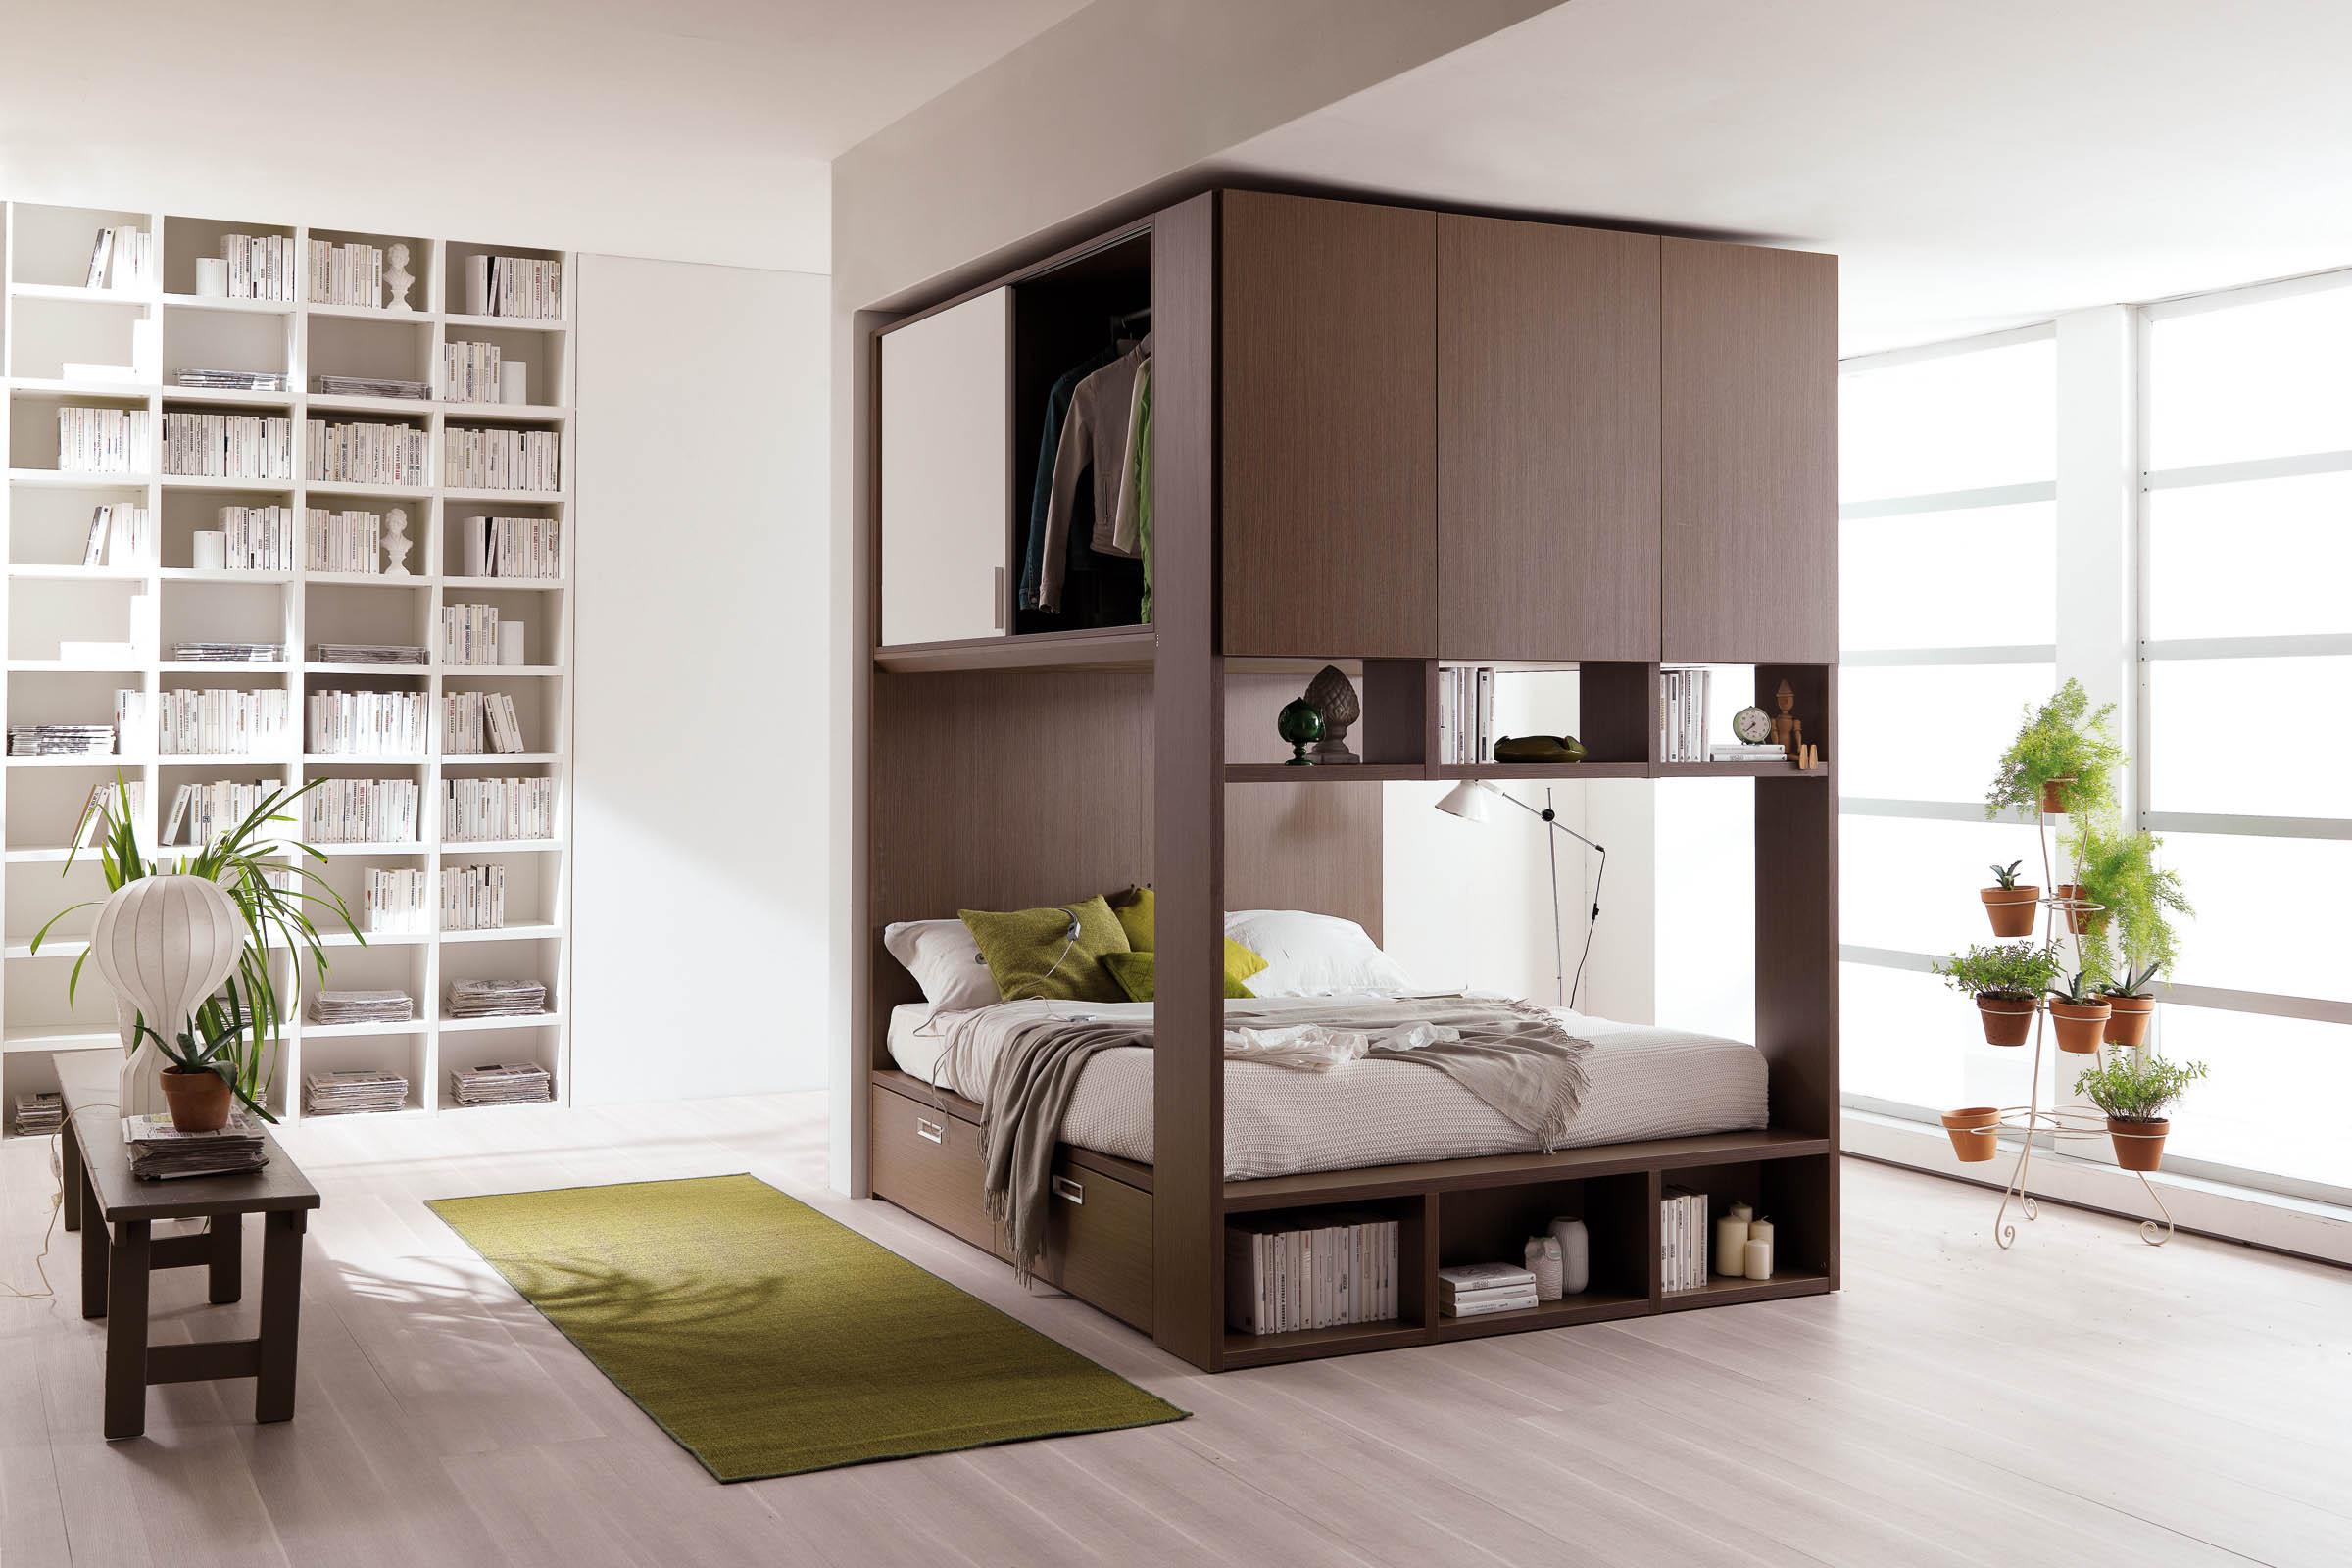 Idee Salvaspazio Camera Da Letto : Soluzioni per camere da letto piccole